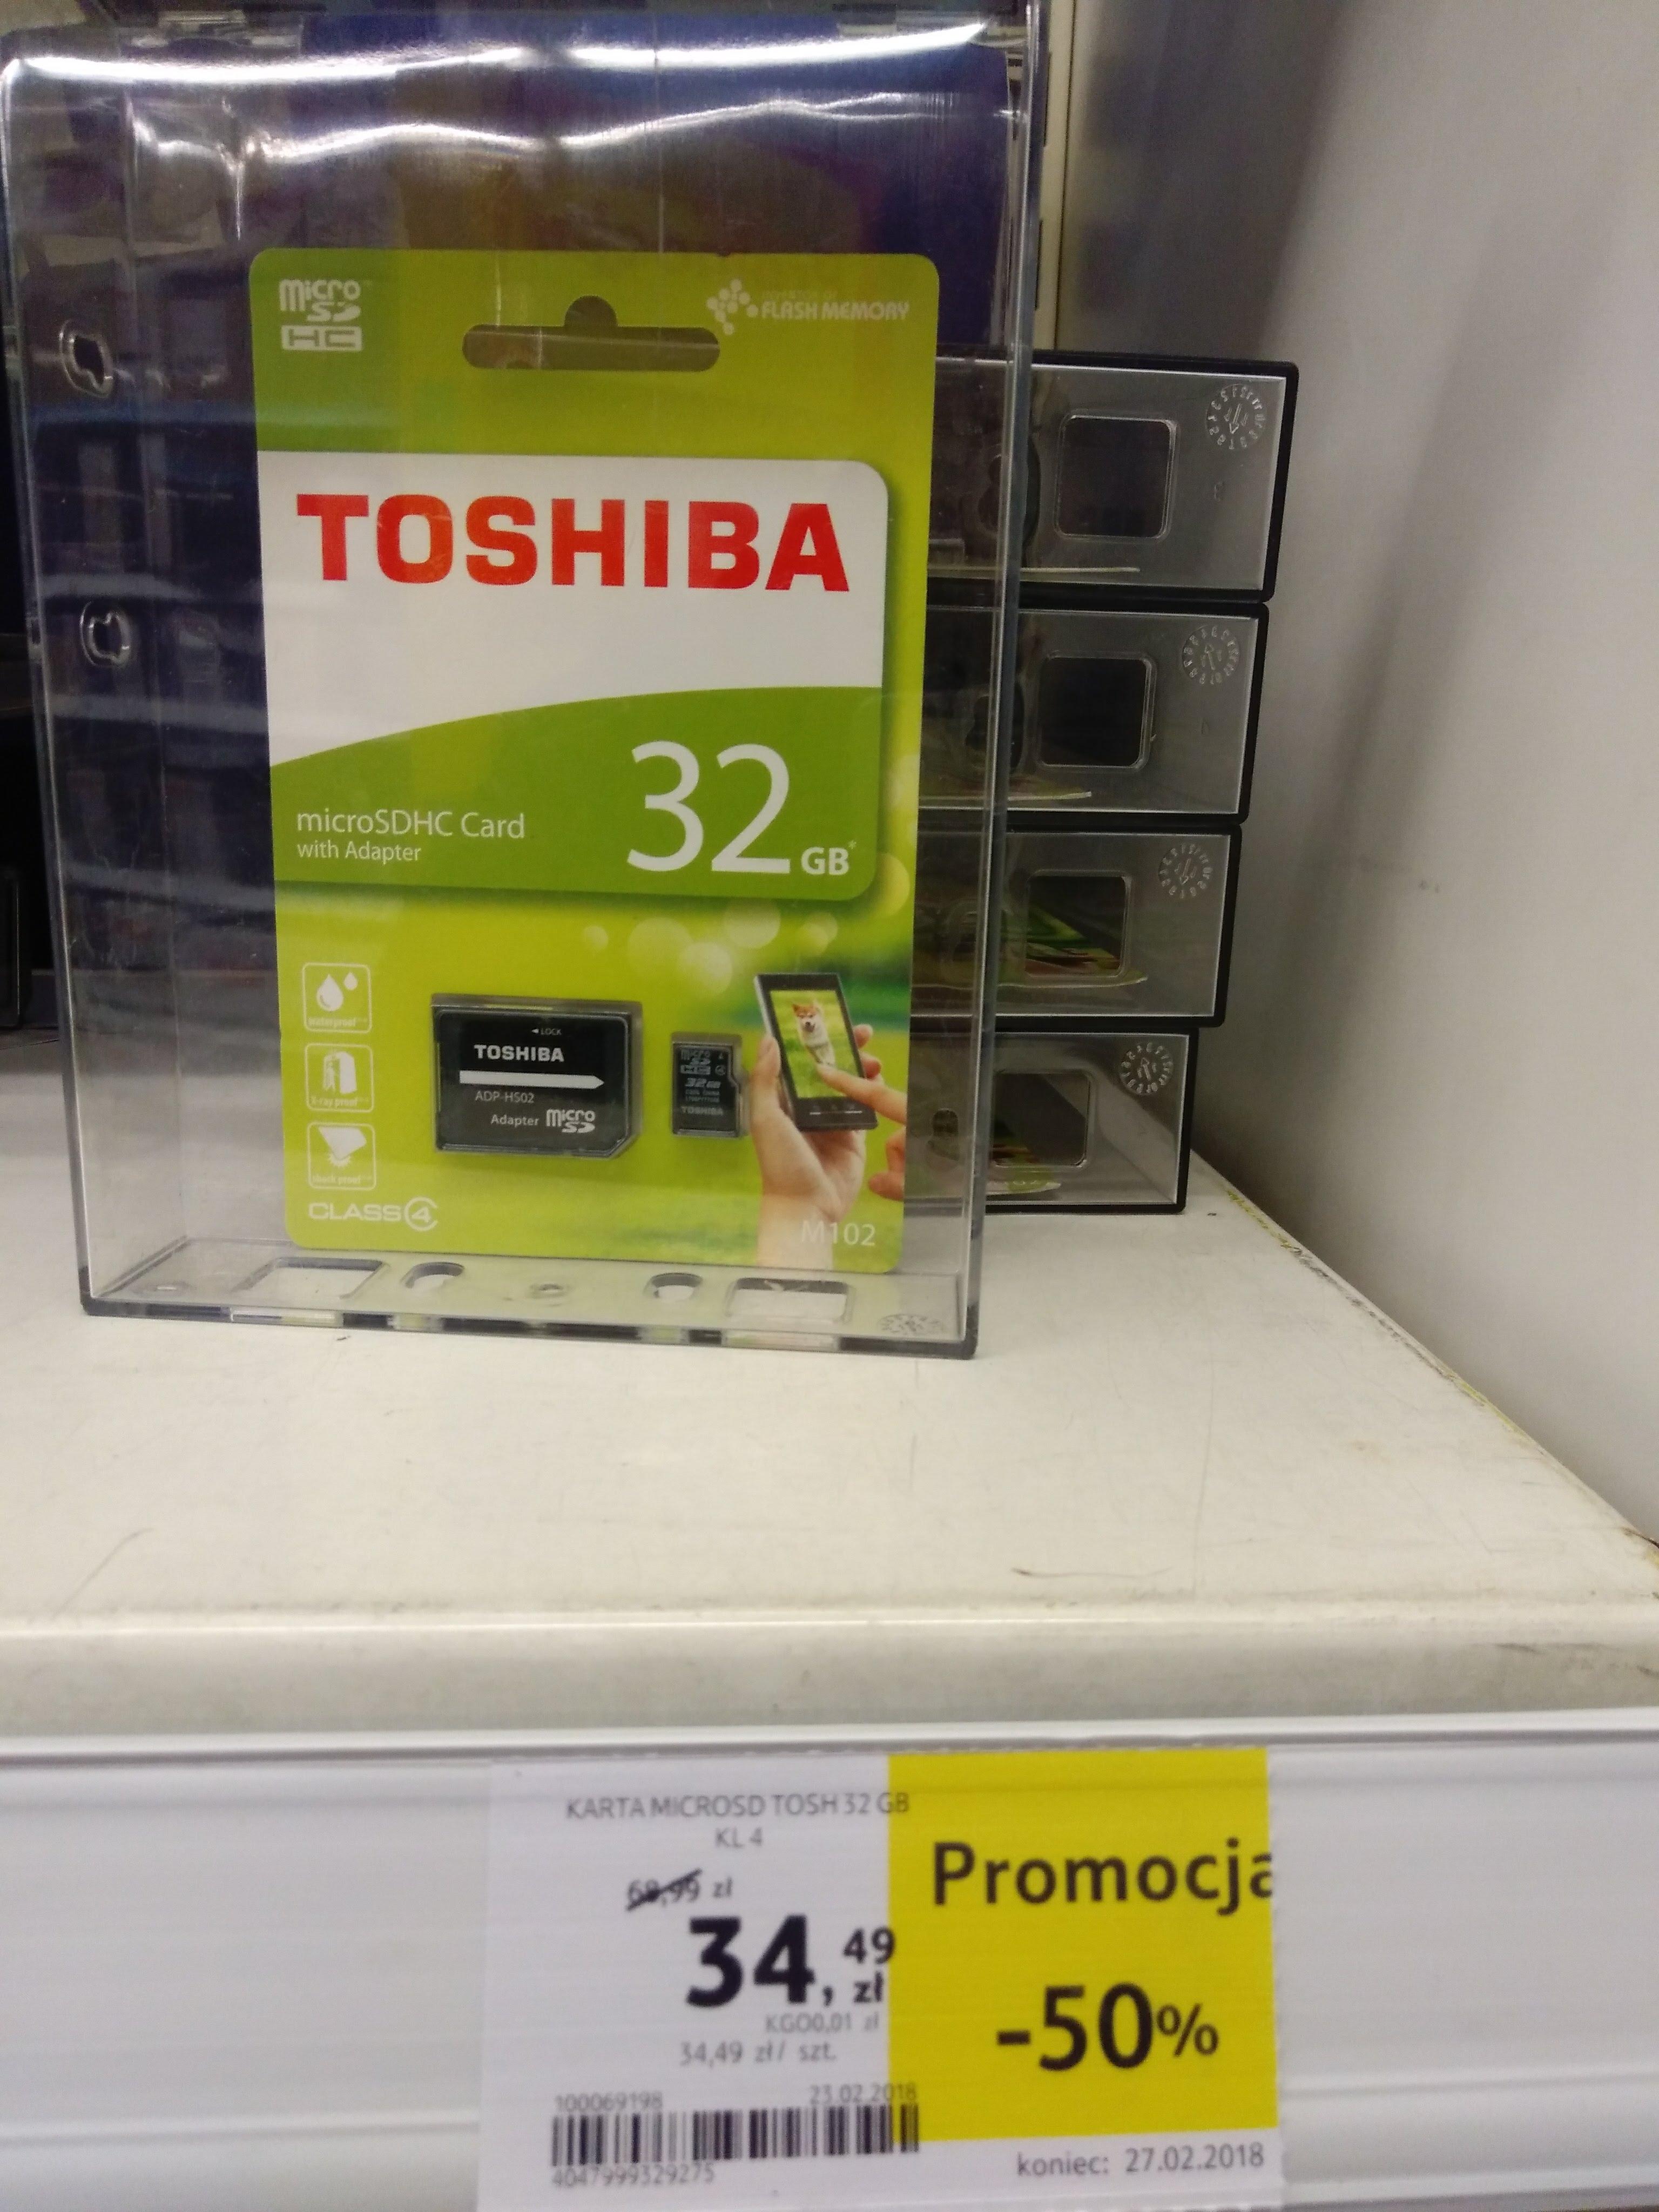 Karta microSD TOSHIBA 32 GB w Tesco